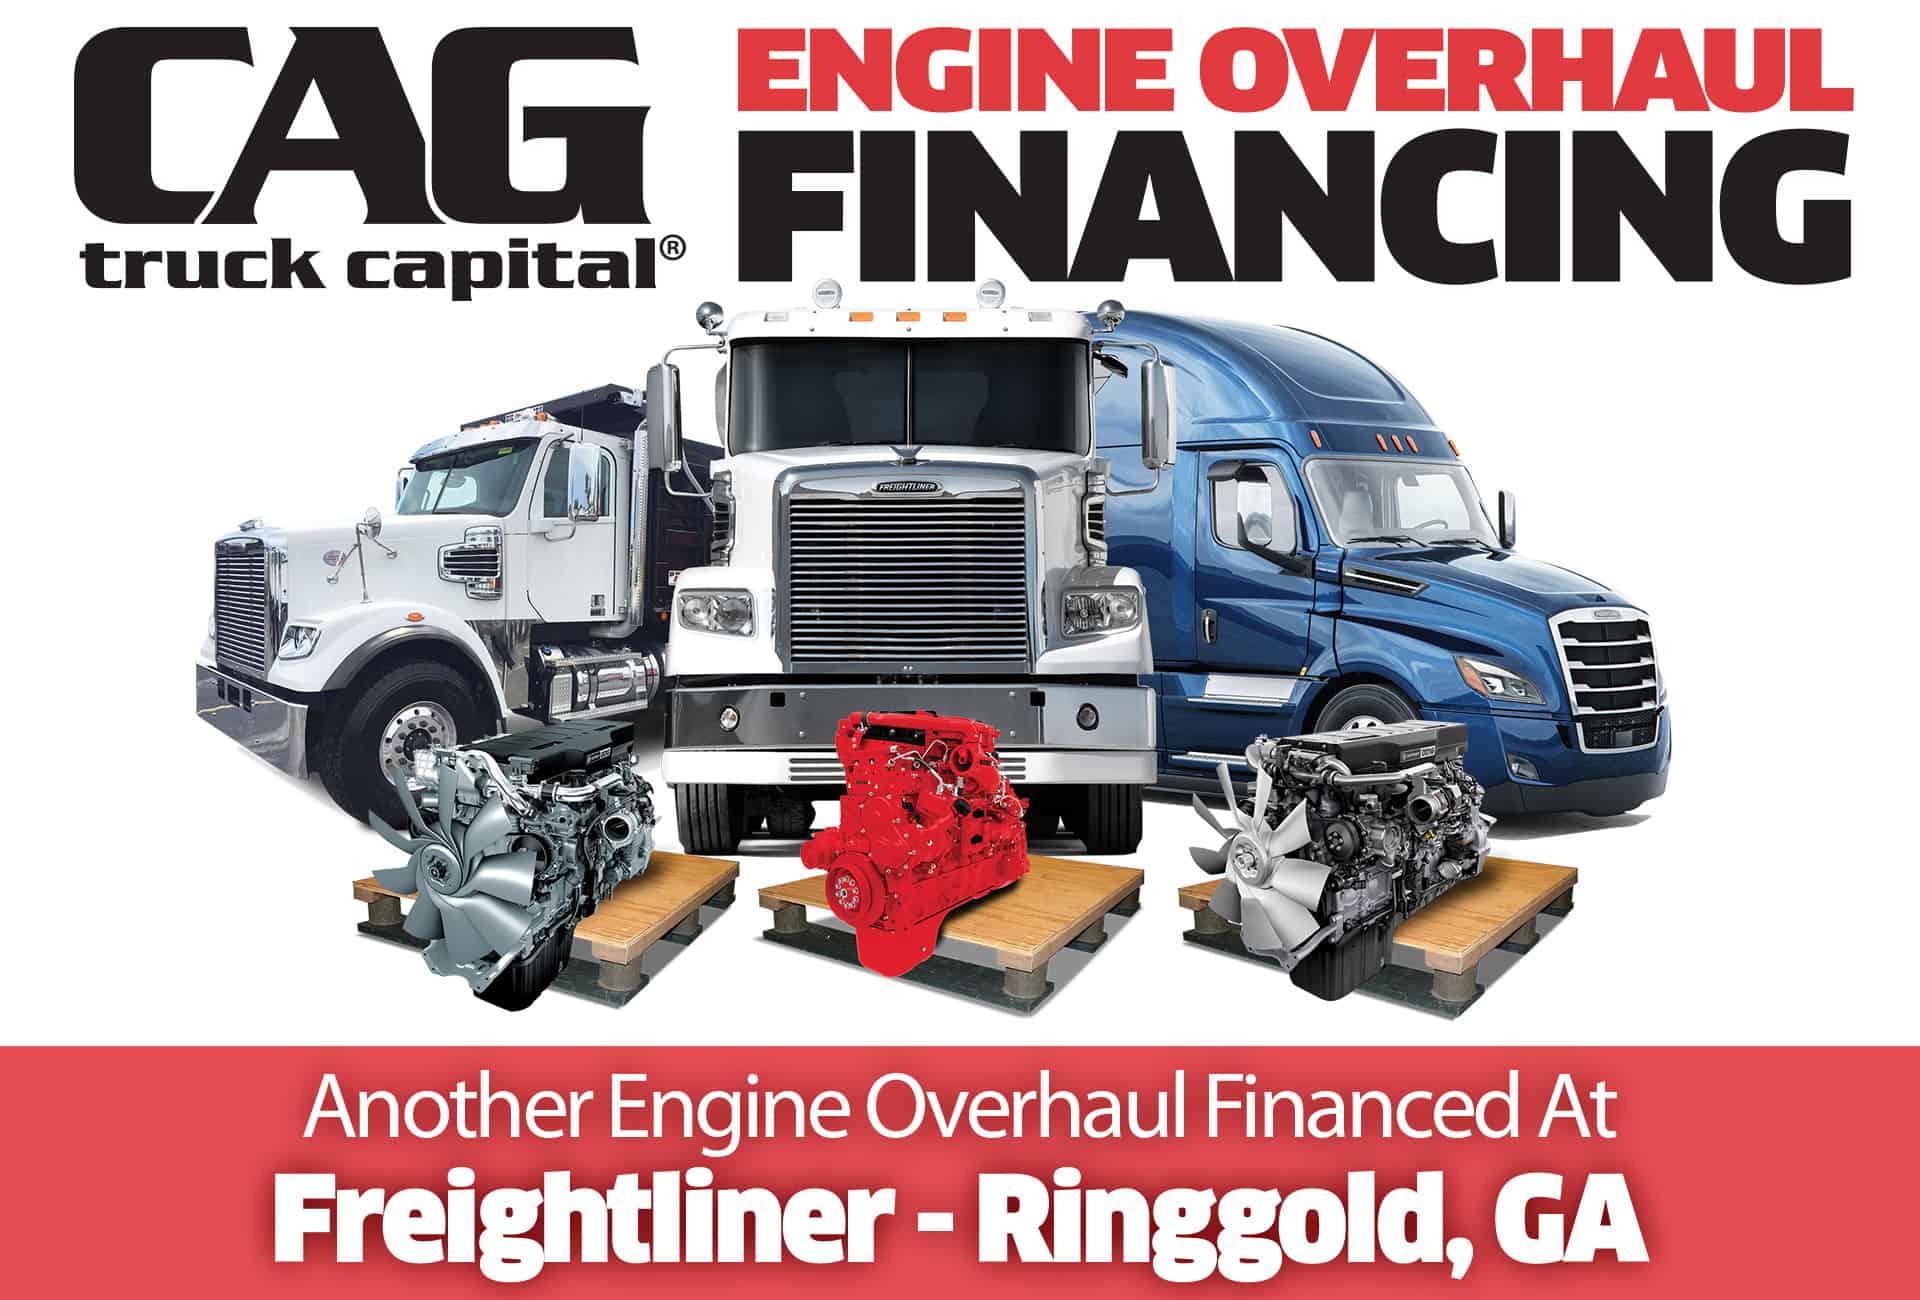 Freightliner Engine Overhauls In Ringgold, GA